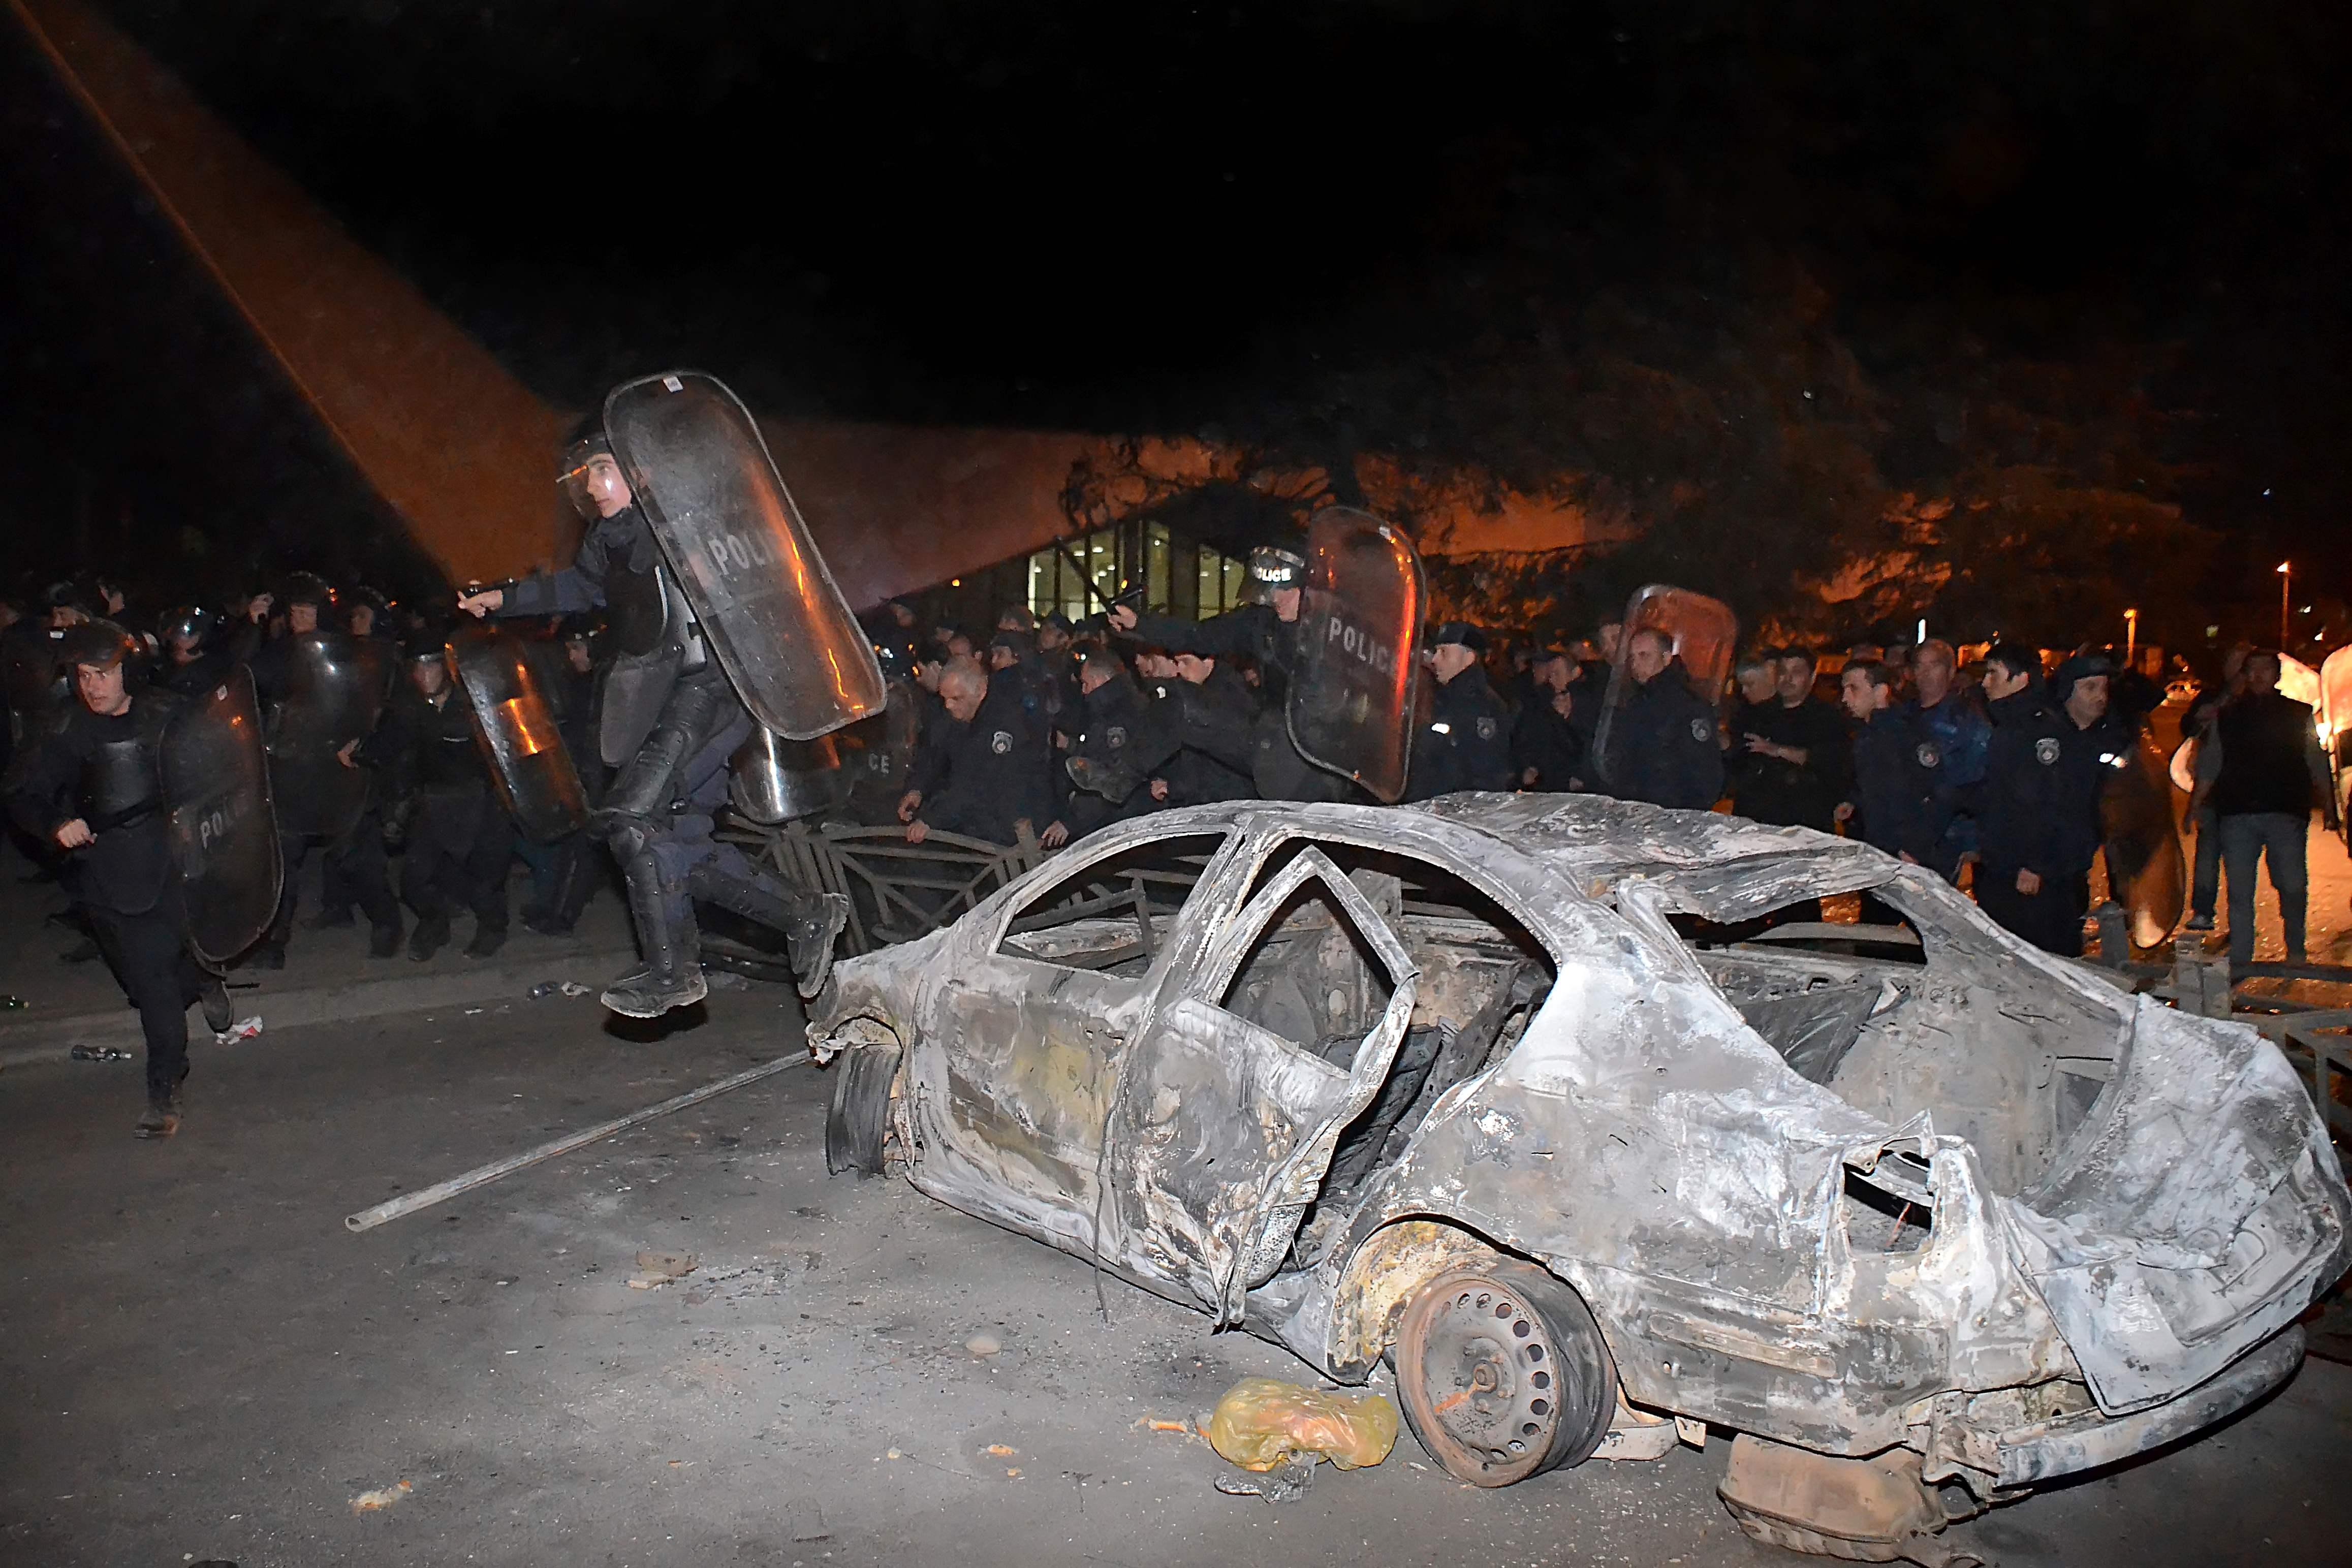 تظاهرات علیه جریمههای سنگین رانندگی در گرجستان